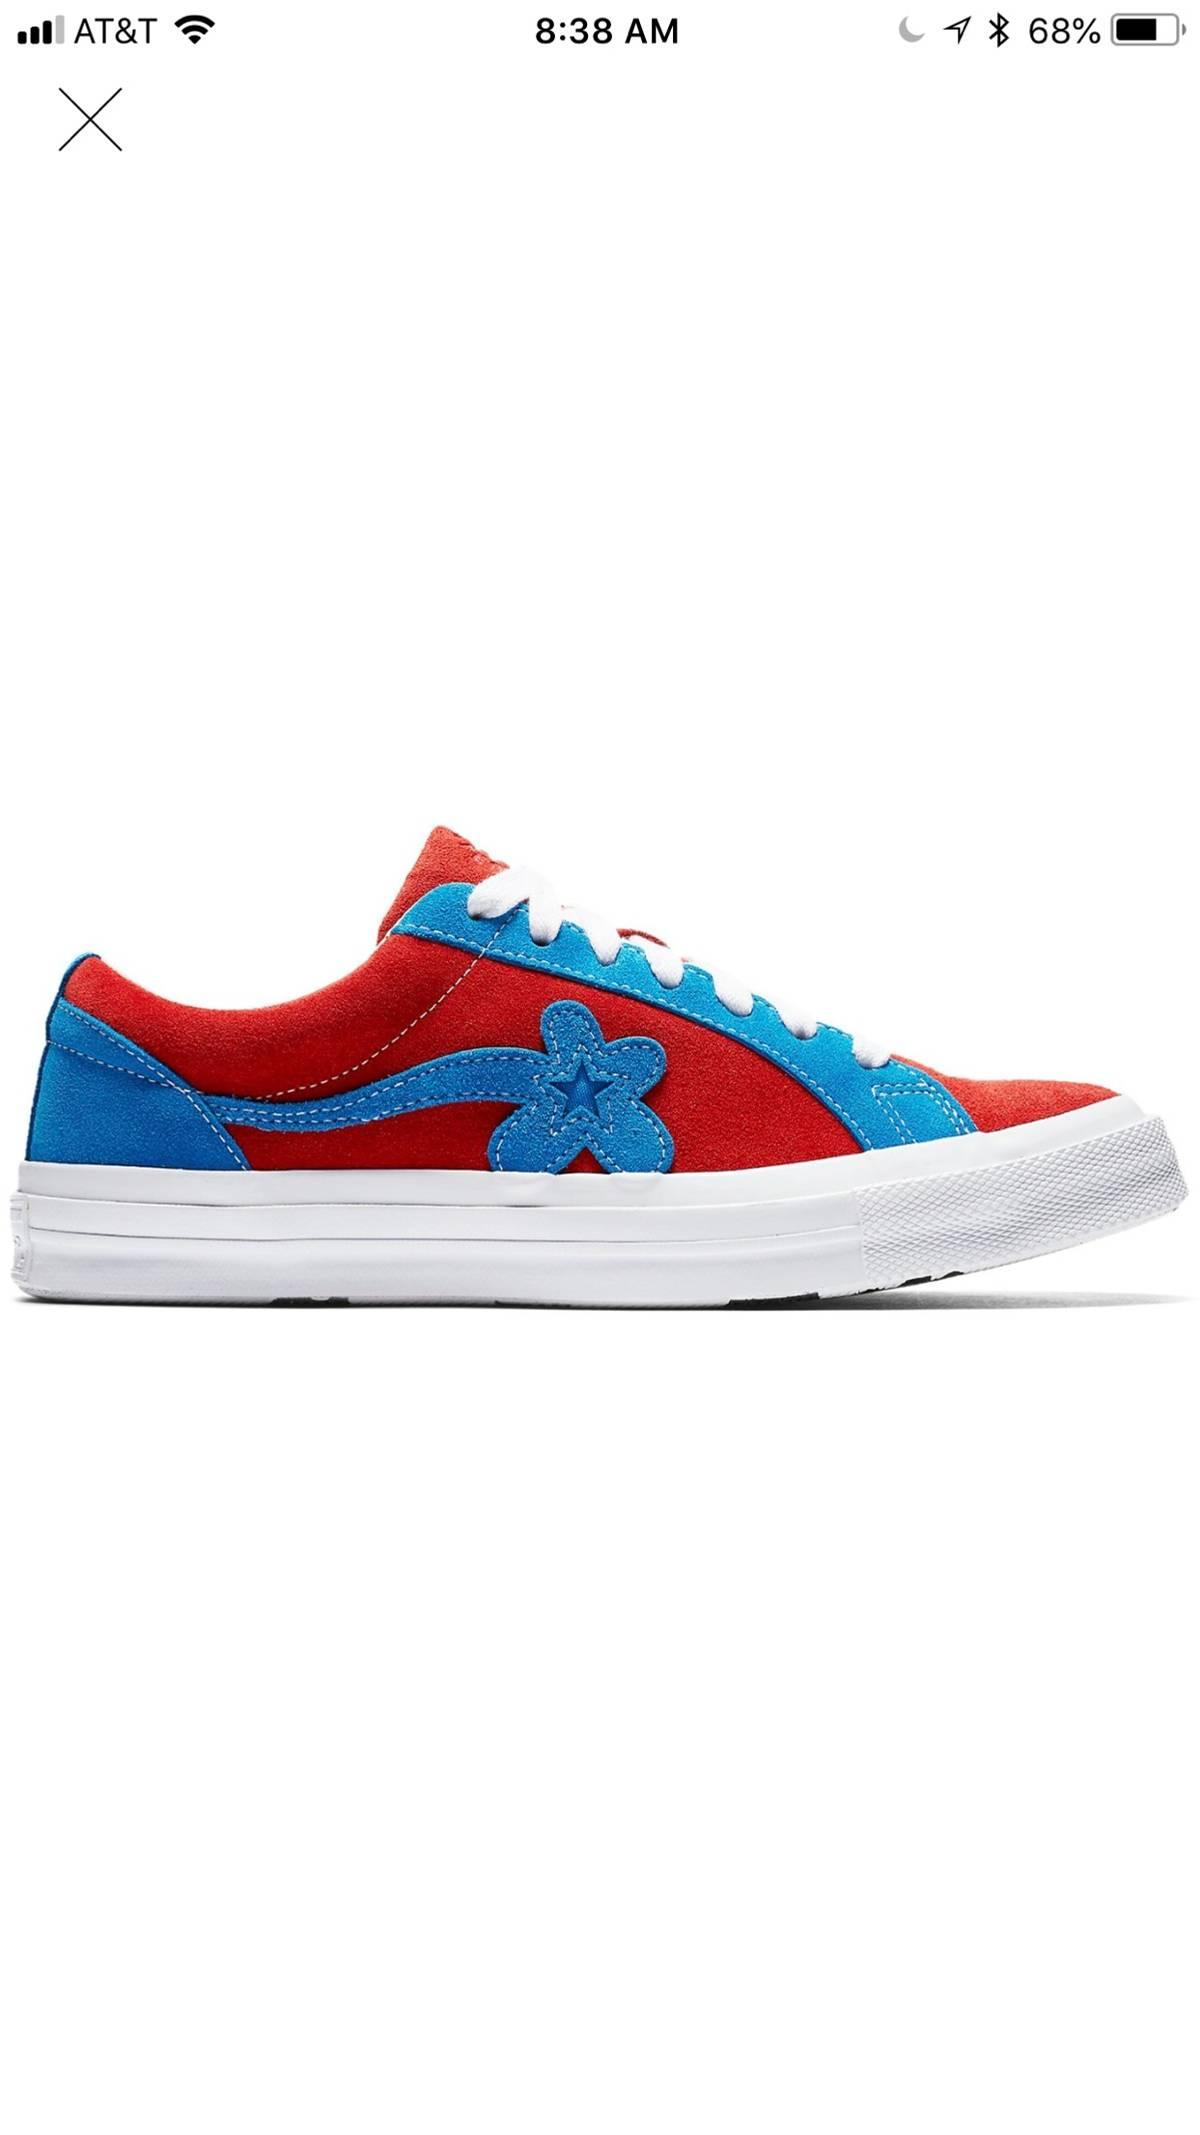 Converse Converse X Golf Le Fleur Red Blue Grailed